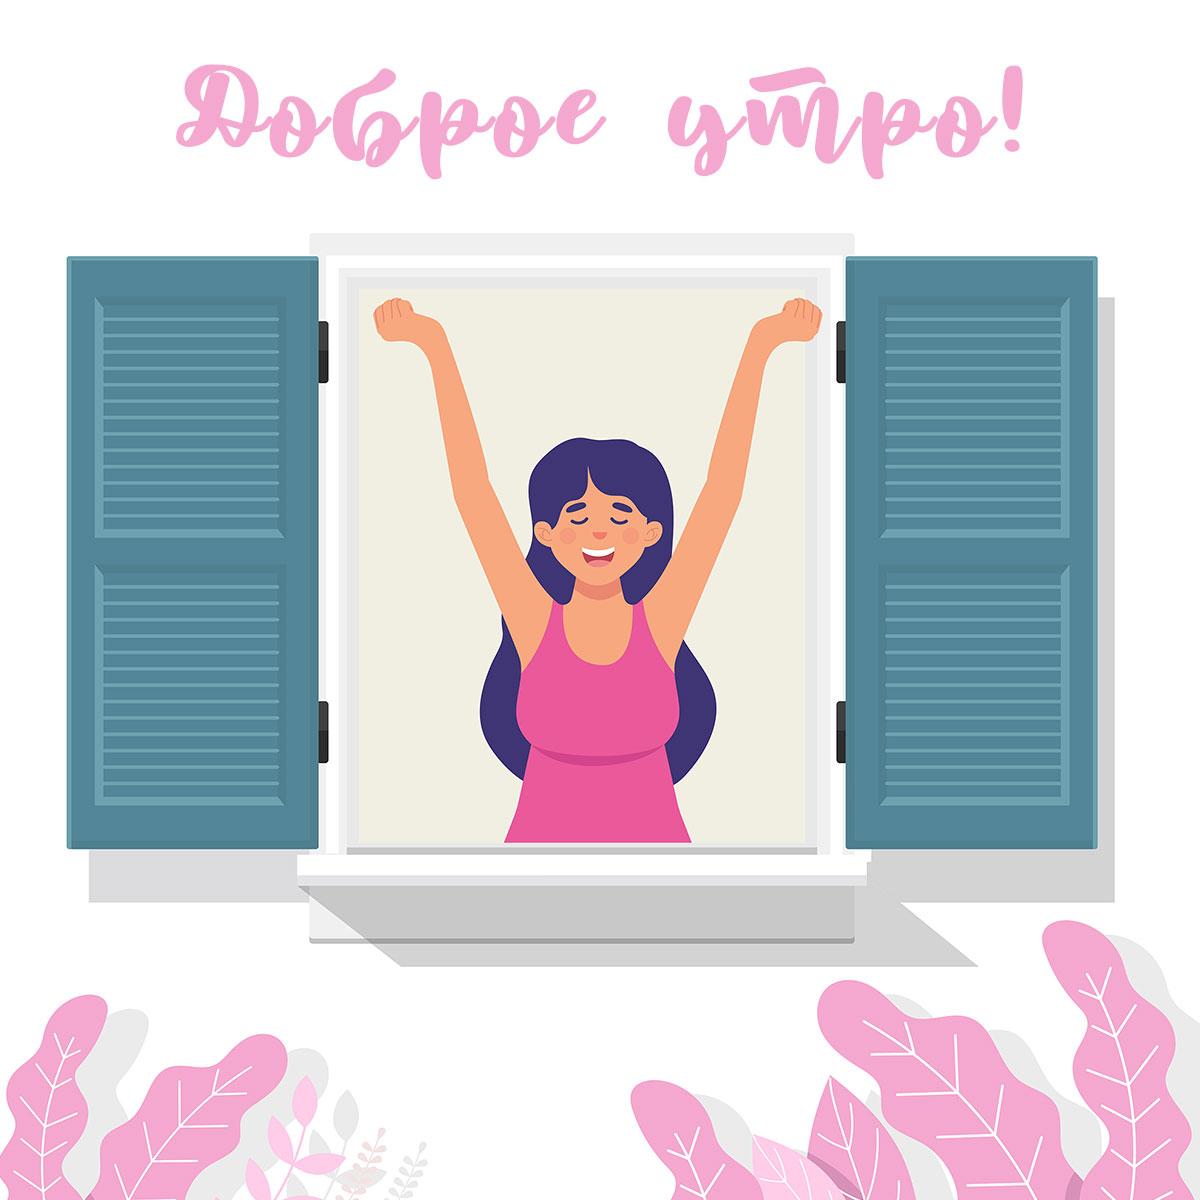 Девушка потягивается возле открытого окна с надписью доброе утро!